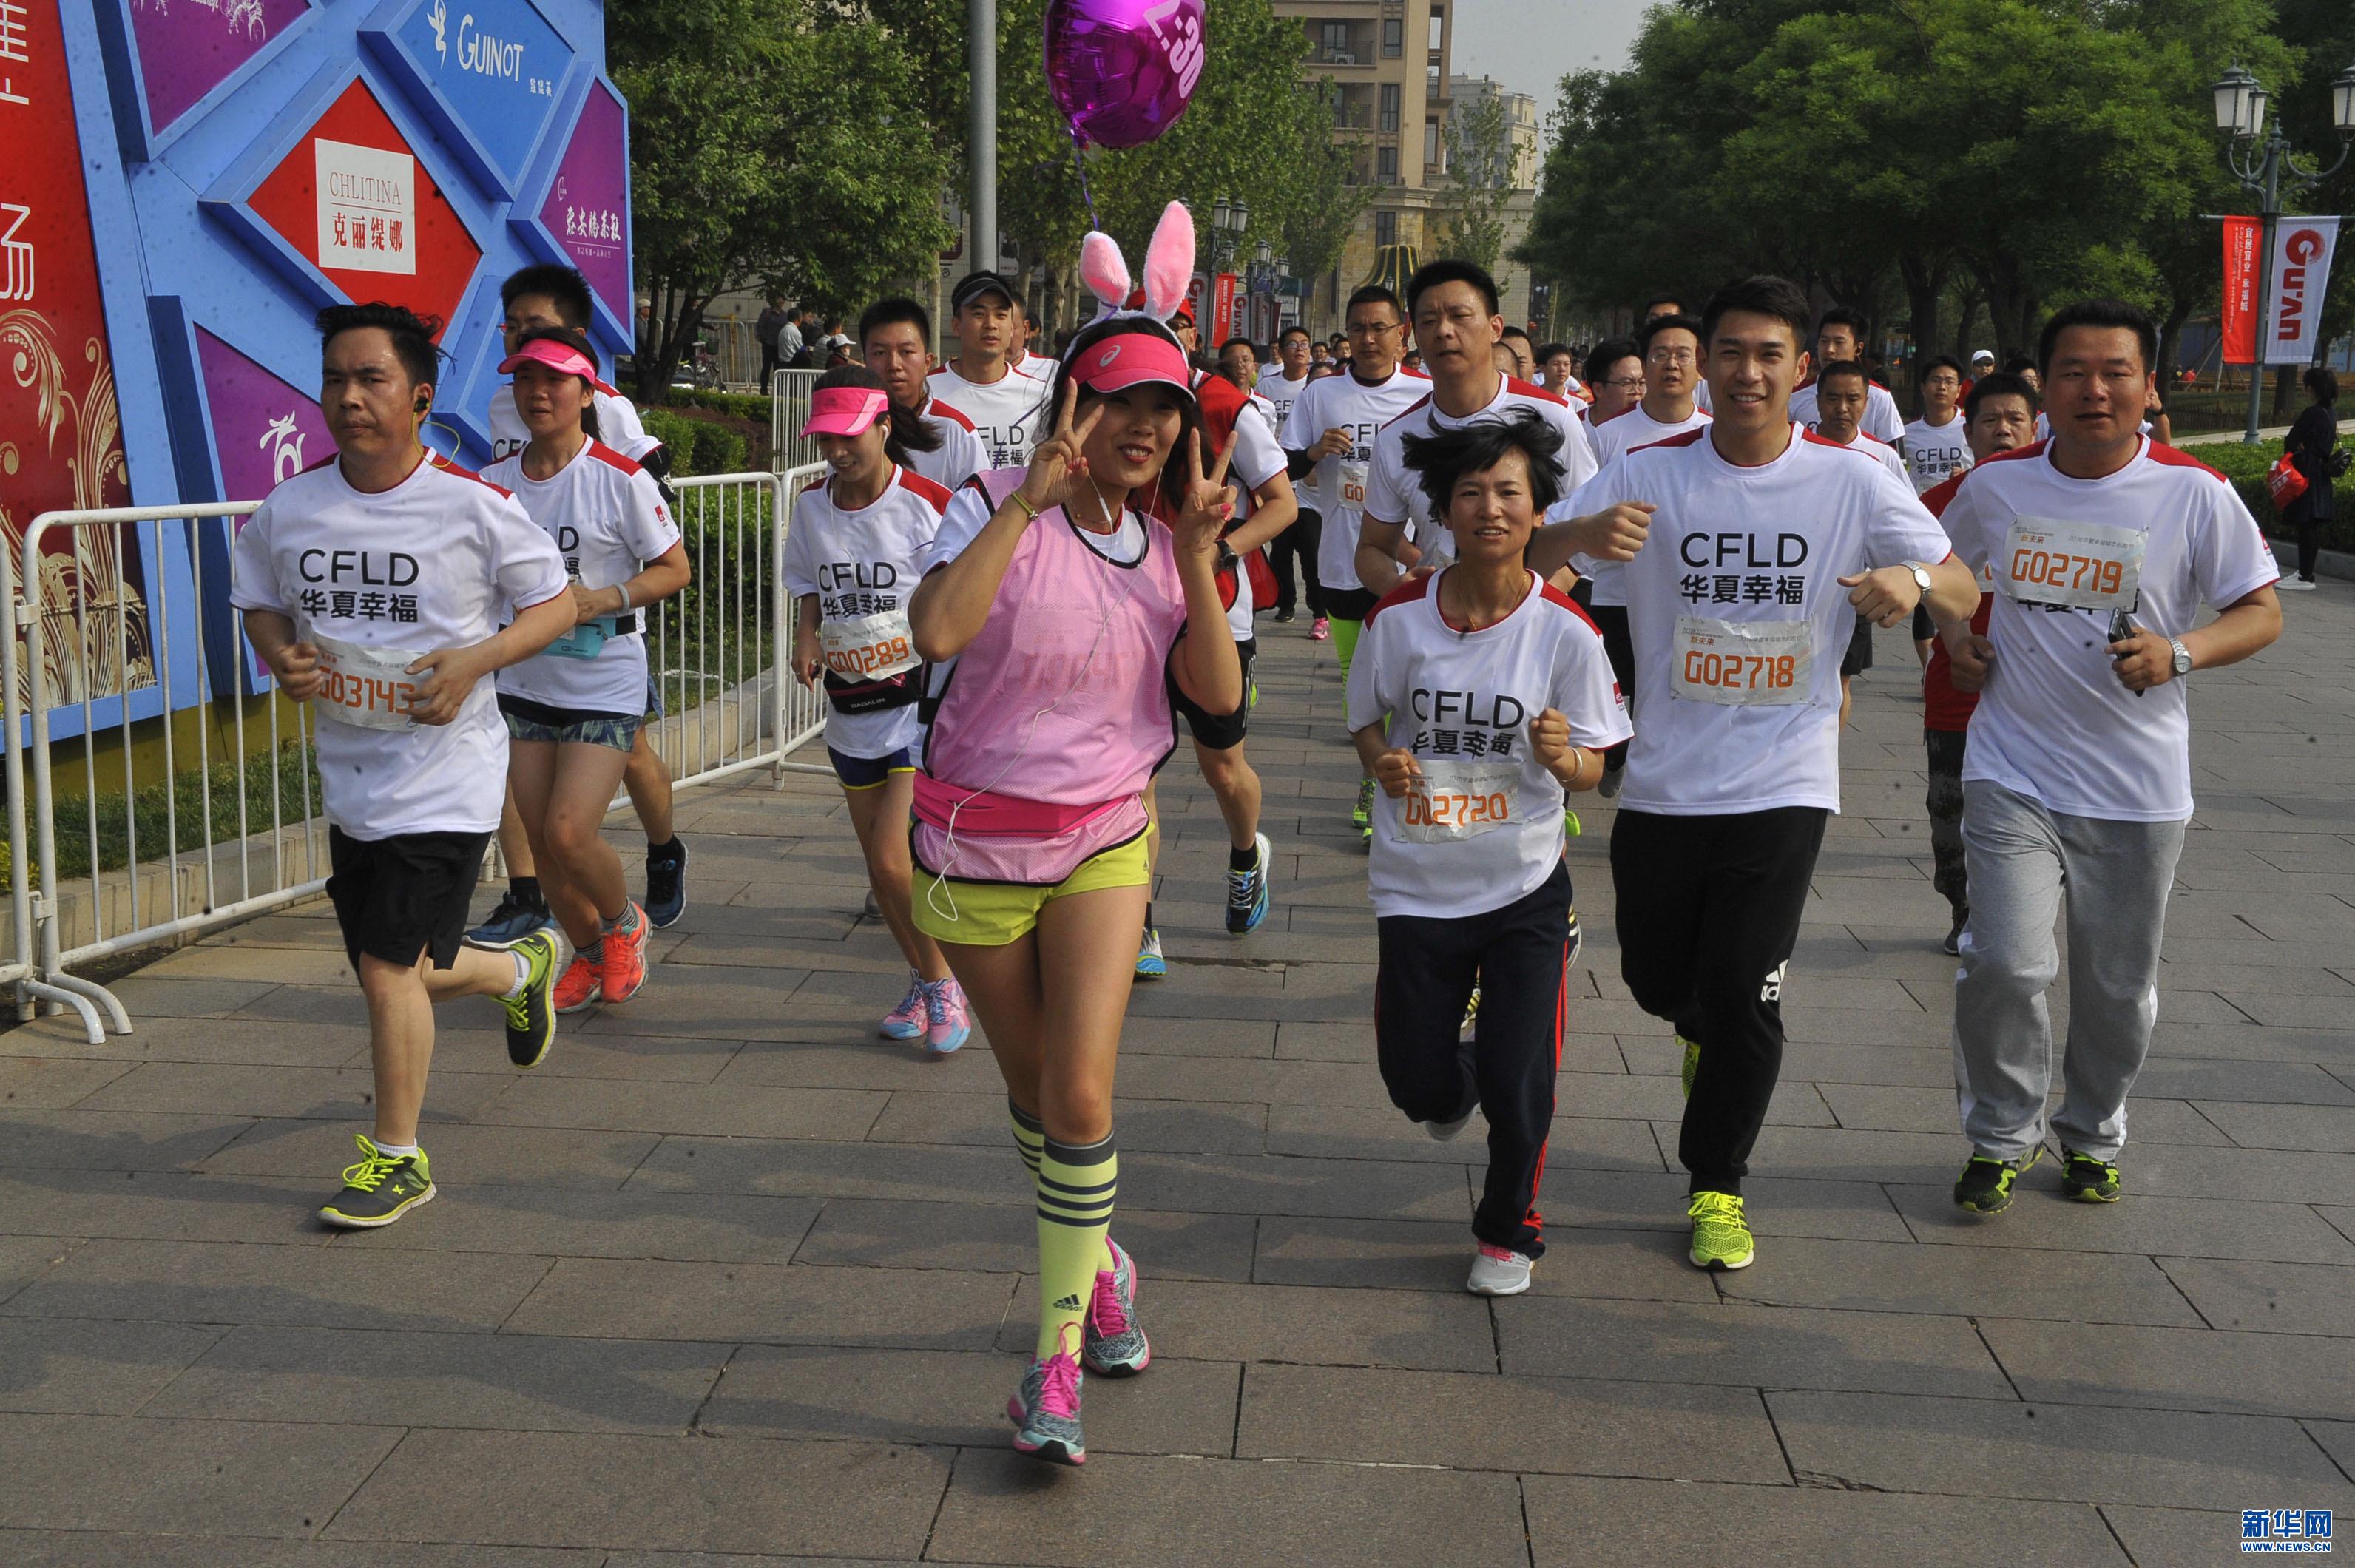 河北/2016华夏幸福城市长跑节在河北固安举行